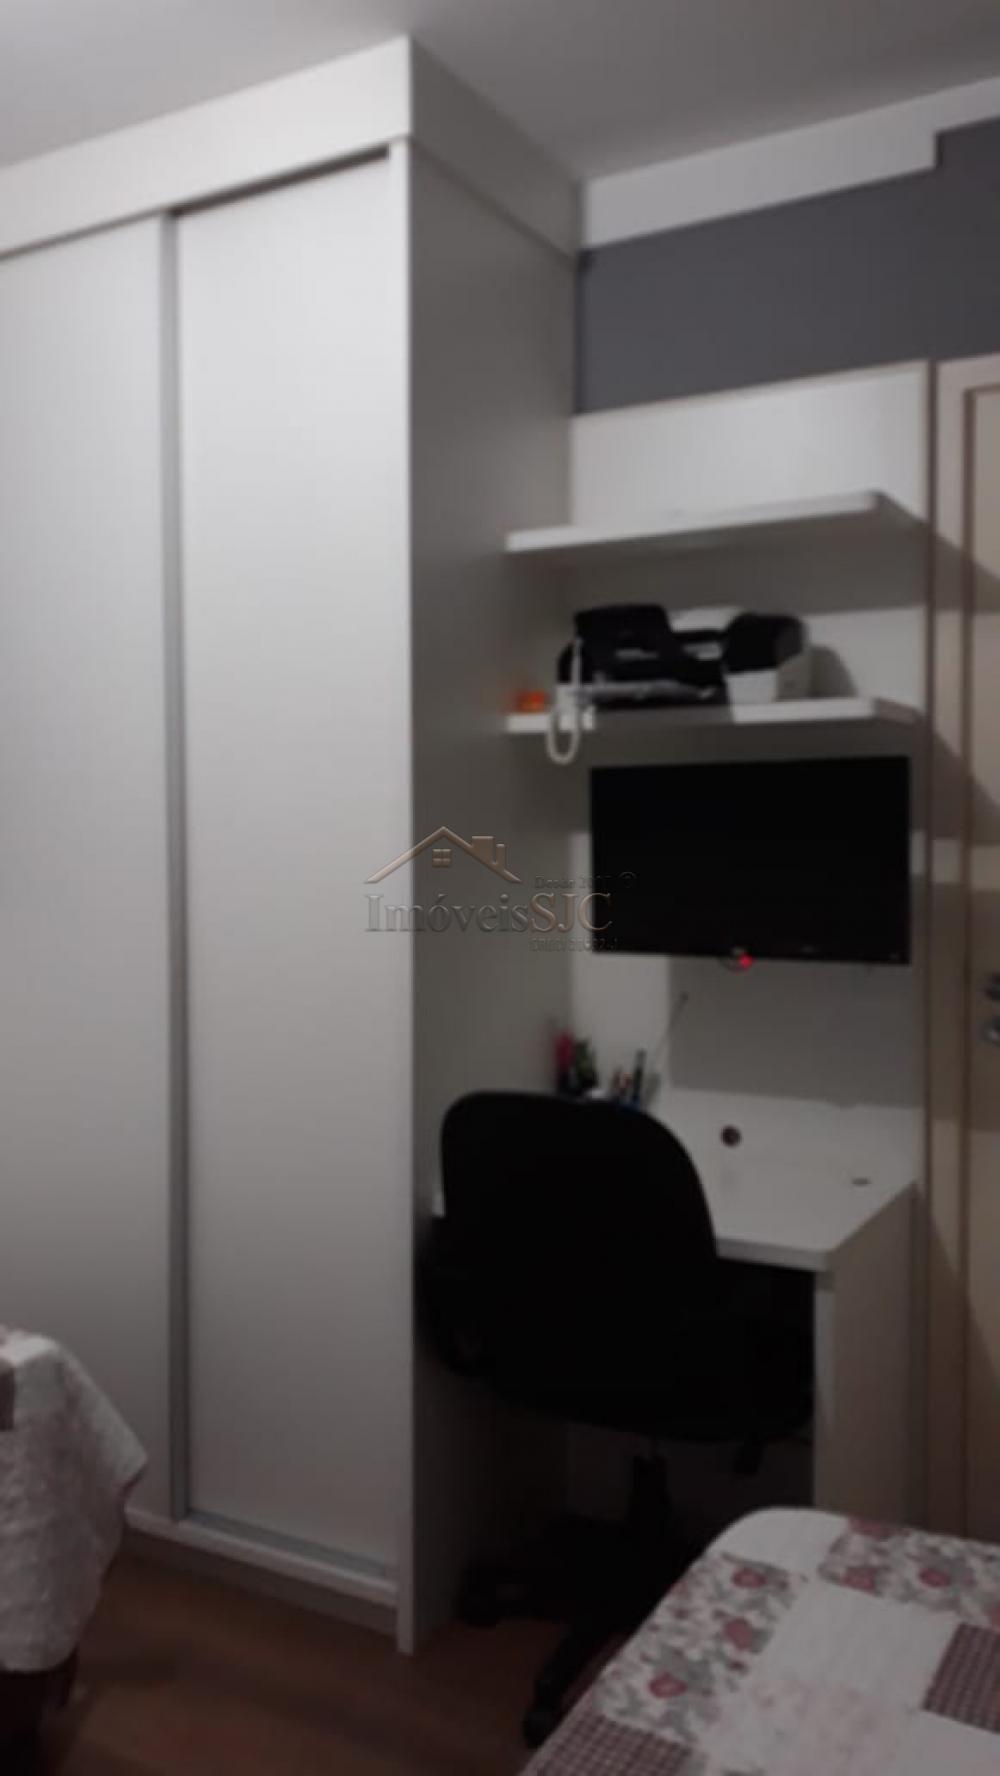 Comprar Apartamentos / Padrão em São José dos Campos apenas R$ 790.000,00 - Foto 18